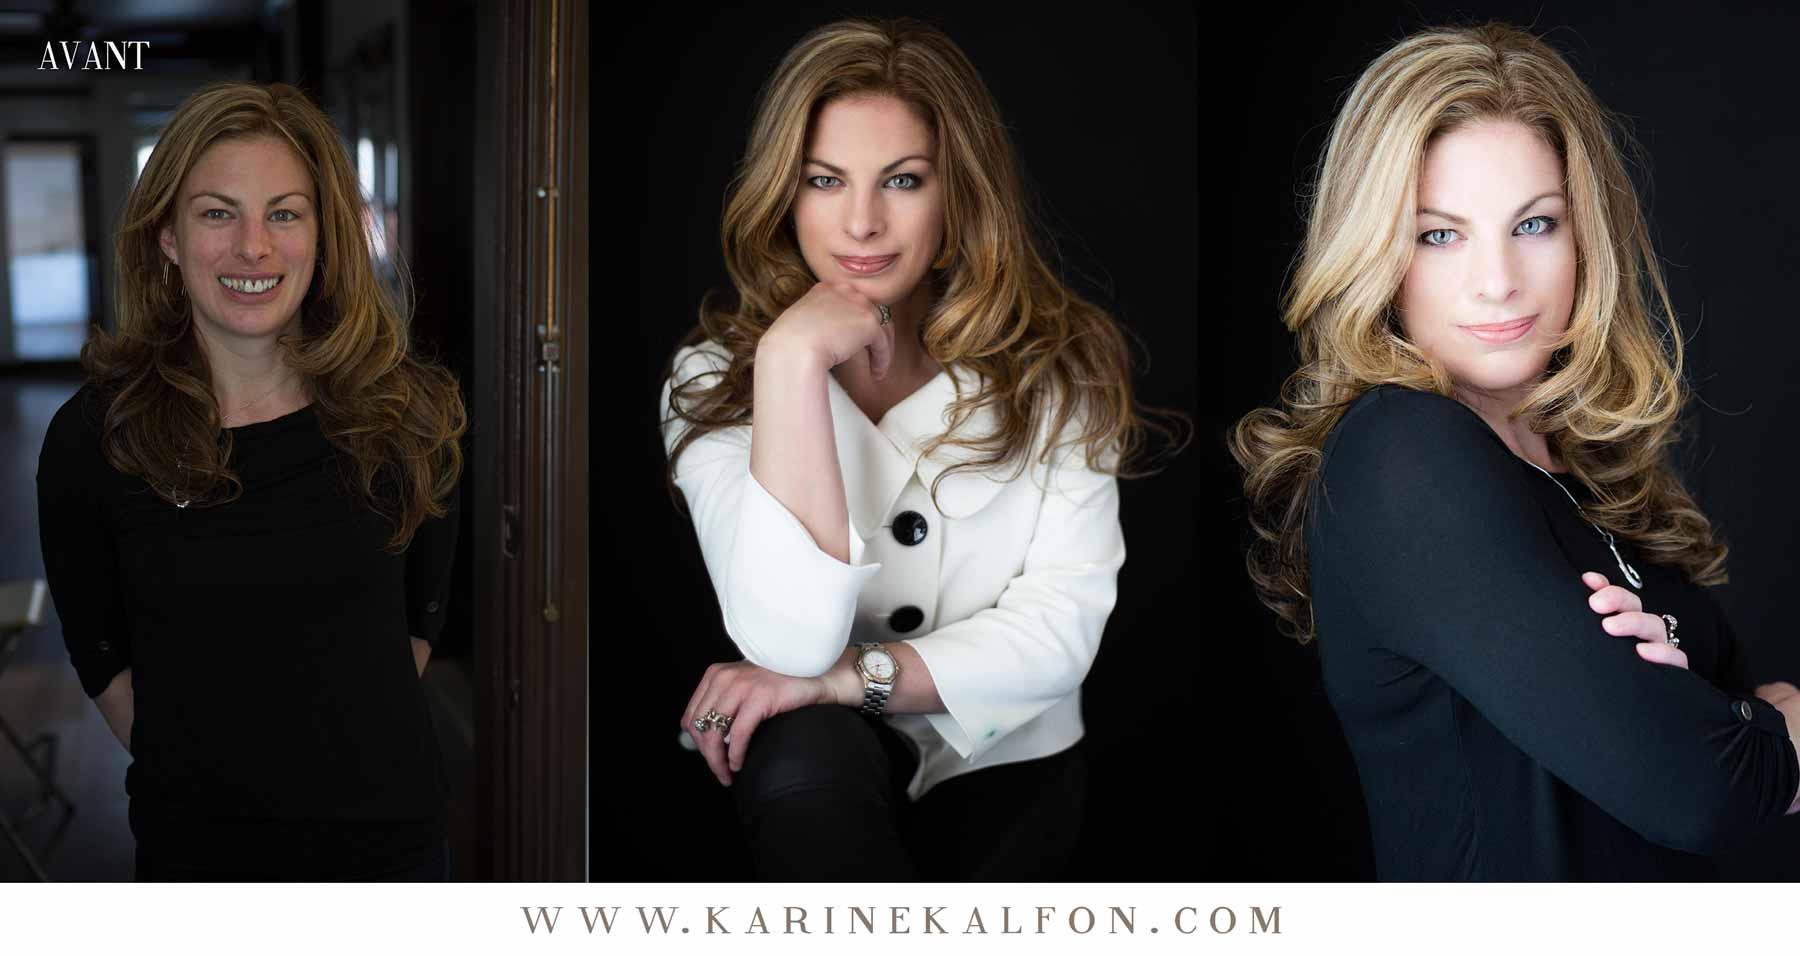 Karine_Kalfon_Portrait_3